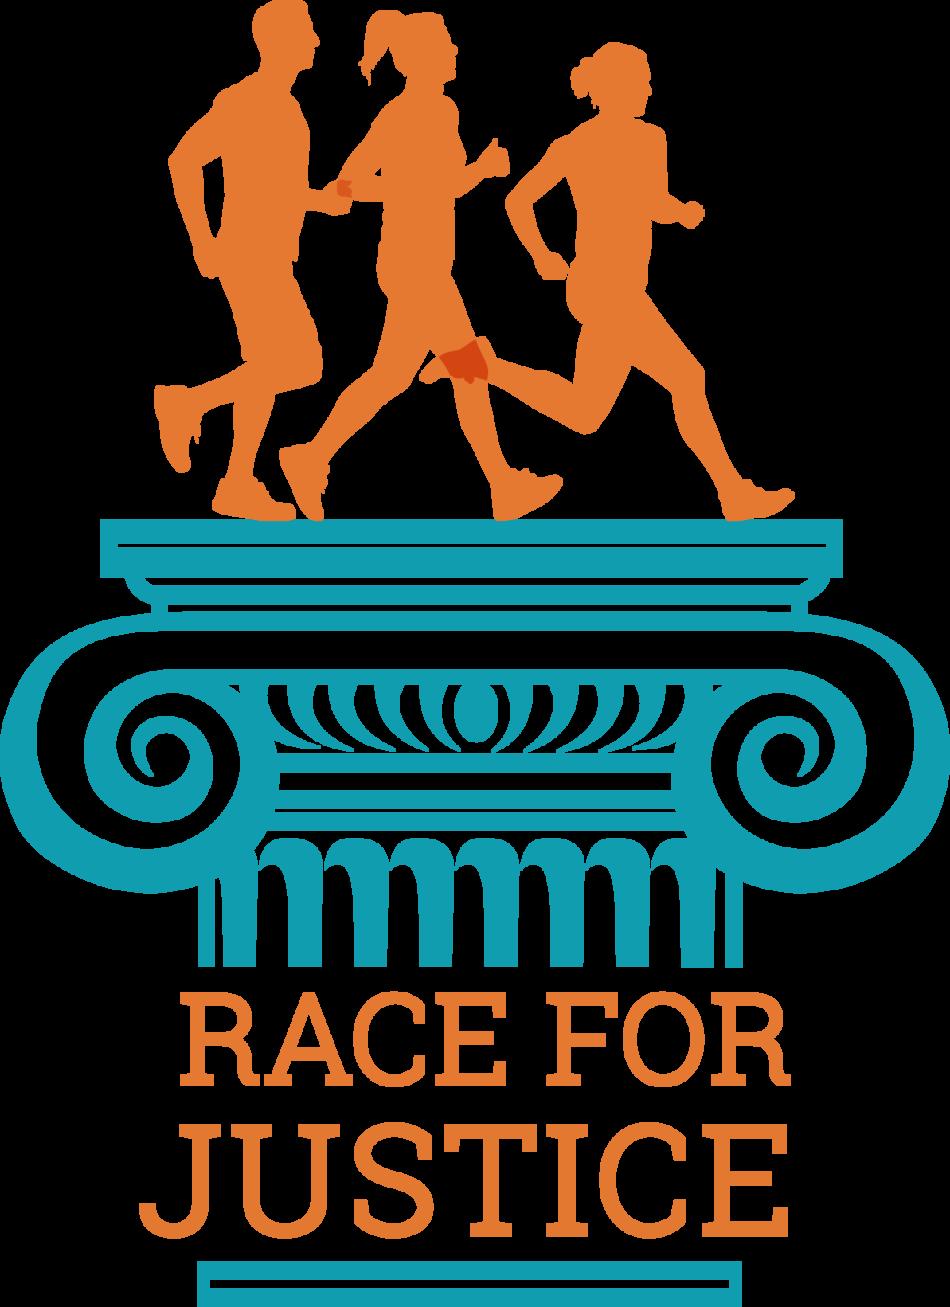 Raceforjustice2015 banner